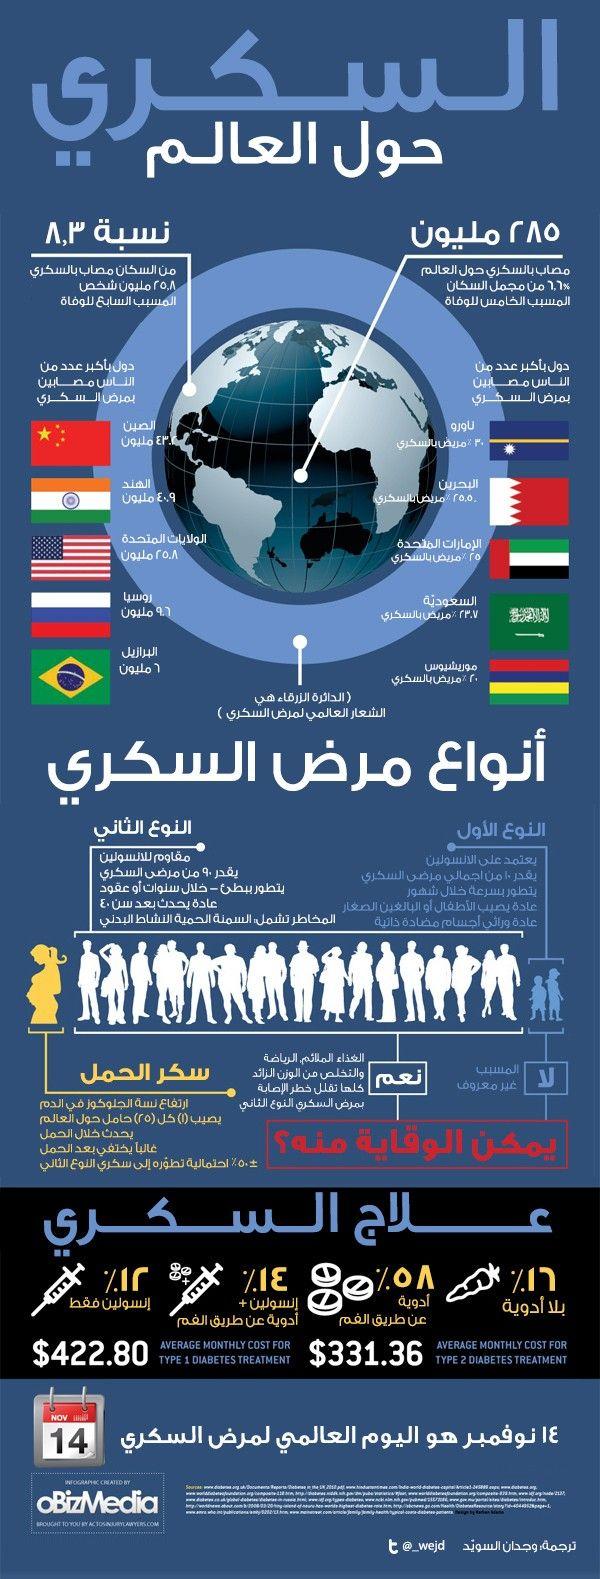 السكري حول العالم انفوجرافيك في بياني 1200 Calorie Diet Plan Medical Information Health